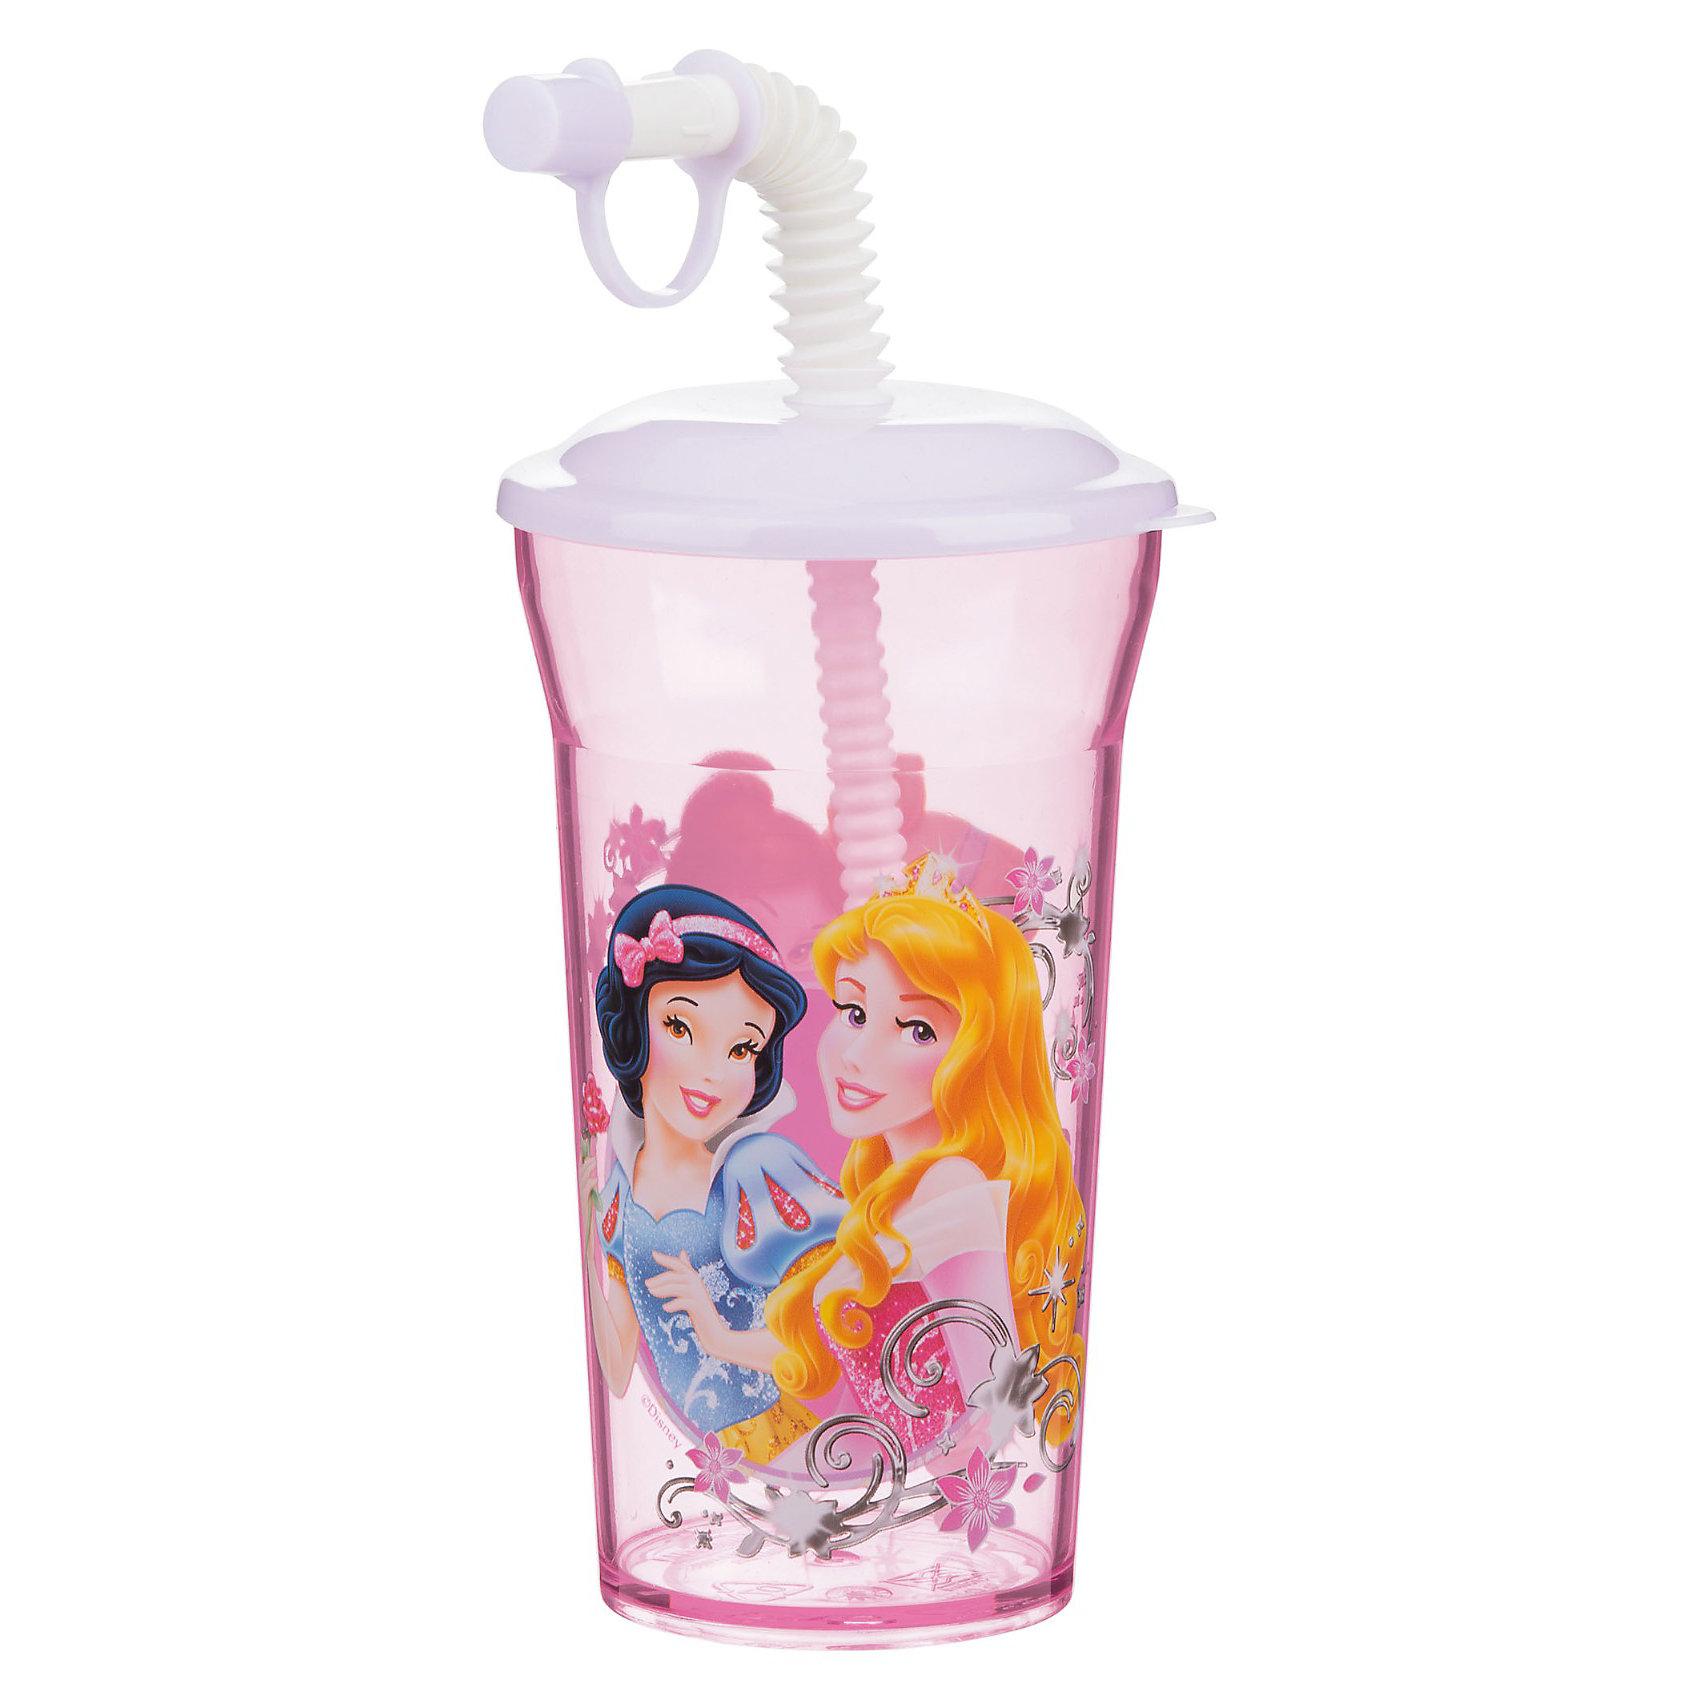 Новый Диск Стакан с крышкой и соломинкой (350 мл) Принцессы Дисней стаканы stor стакан пластиковый с соломинкой и крышкой спортивный 430 мл холодное сердце цветы